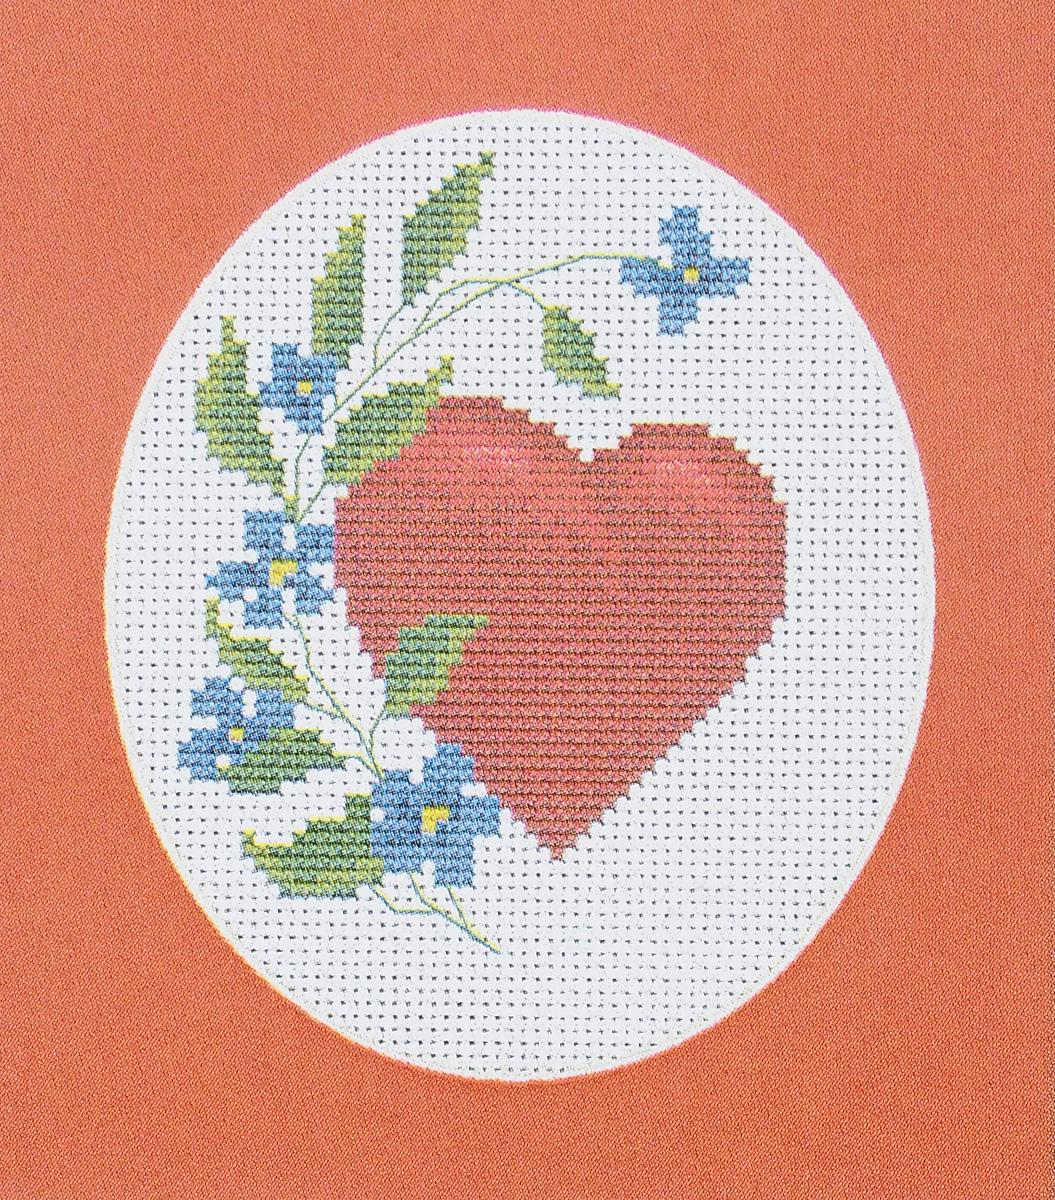 Набор для вышивания крестом Luca-S Валентинка, 8,5 х 11 смB1060Набор для вышивания крестом Luca-S Валентинка поможет создать красивую вышитую картину. Рисунок-вышивка, выполненный на канве, выглядит стильно и модно. Вышивание отвлечет вас от повседневных забот и превратится в увлекательное занятие! Работа, созданная своими руками, не только украсит интерьер дома, придав ему уют и оригинальность, но и будет отличным подарком для друзей и близких! Набор содержит все необходимые материалы для вышивки на канве в технике счетный крест. В набор входит: - канва Aida Zweigart №14 (белого цвета), - мулине Anchor - 100% мерсеризованный хлопок (10 цветов), - черно-белая символьная схема, - инструкция, - игла. Размер готовой работы: 8,5 х 11 см. Размер канвы: 25,5 х 20 см.